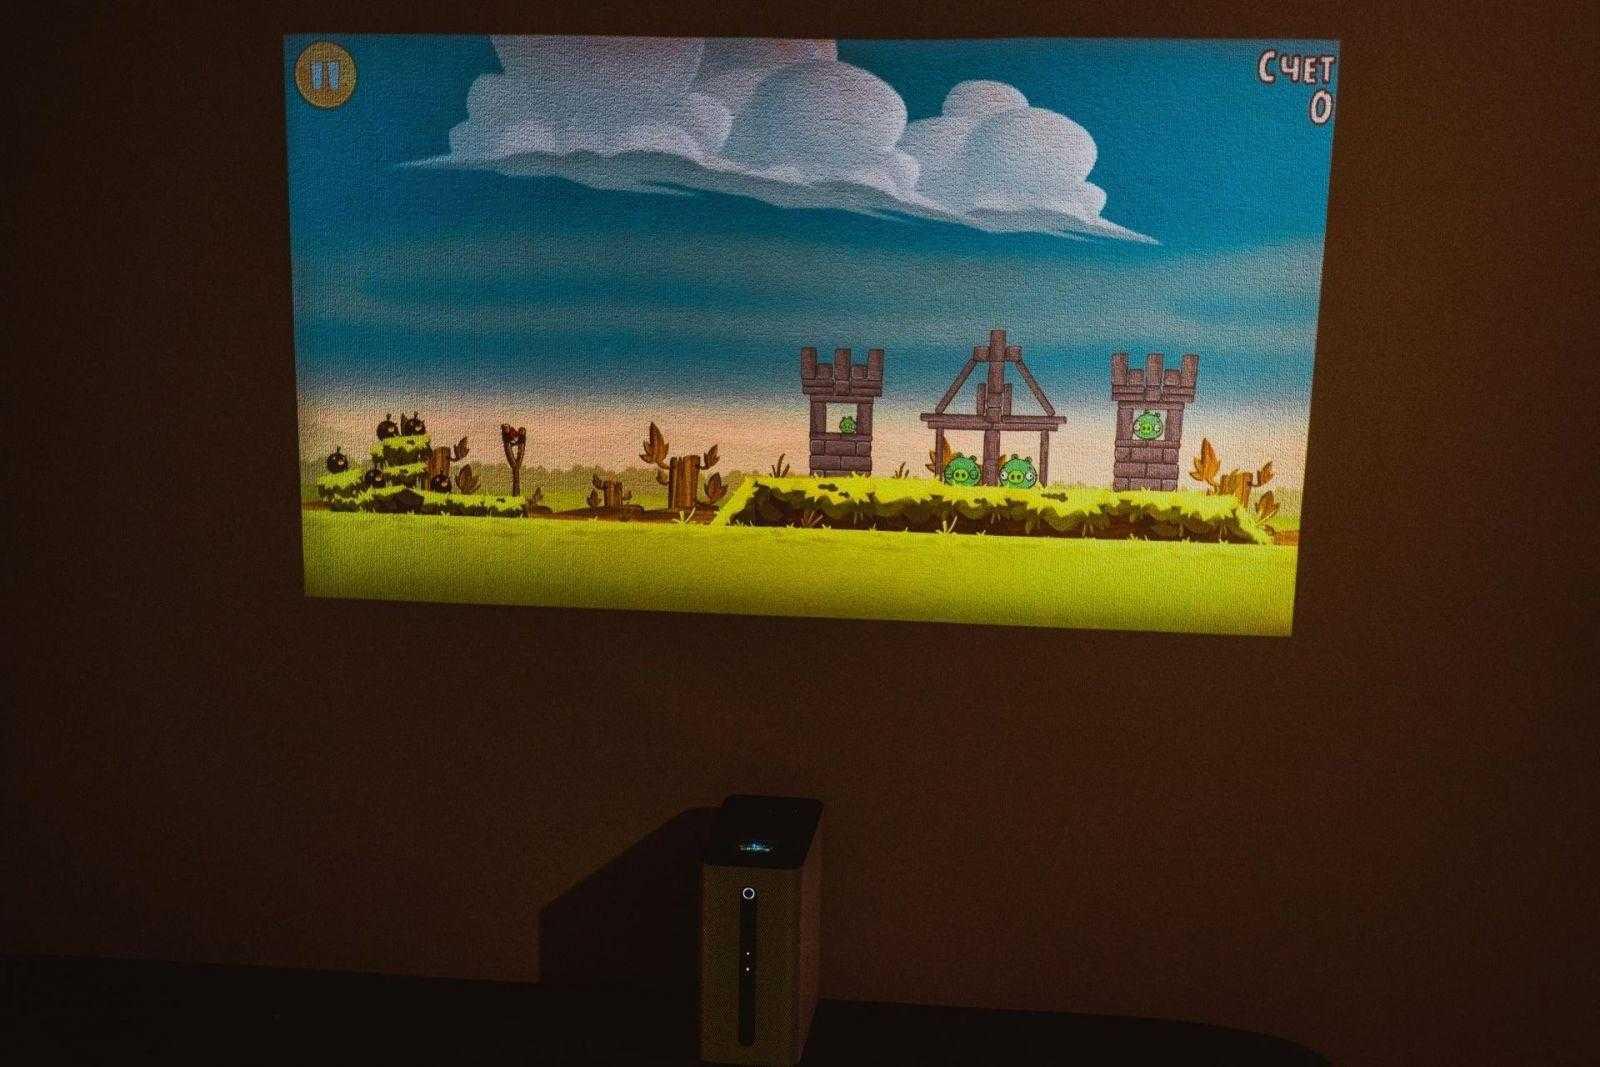 Обзор проектора Sony Xperia Touch. Потрогай виртуальность (DSC 5997)